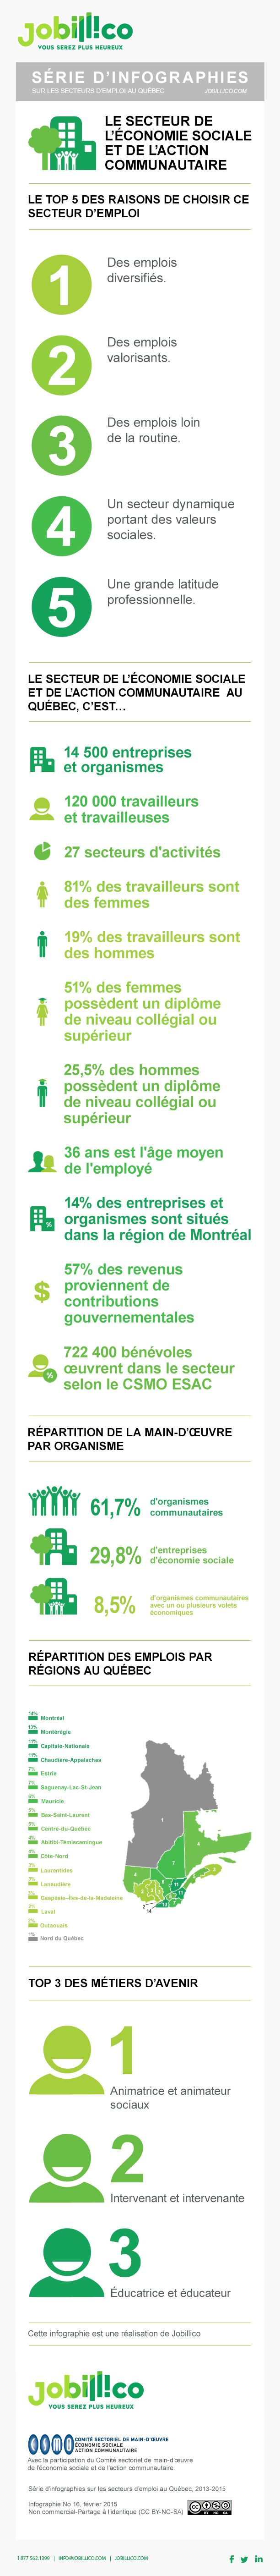 #Infographie : Les chiffres de l'emploi dans le secteur de la main d'oeuvre de l'économie sociale et de l'action communautaire